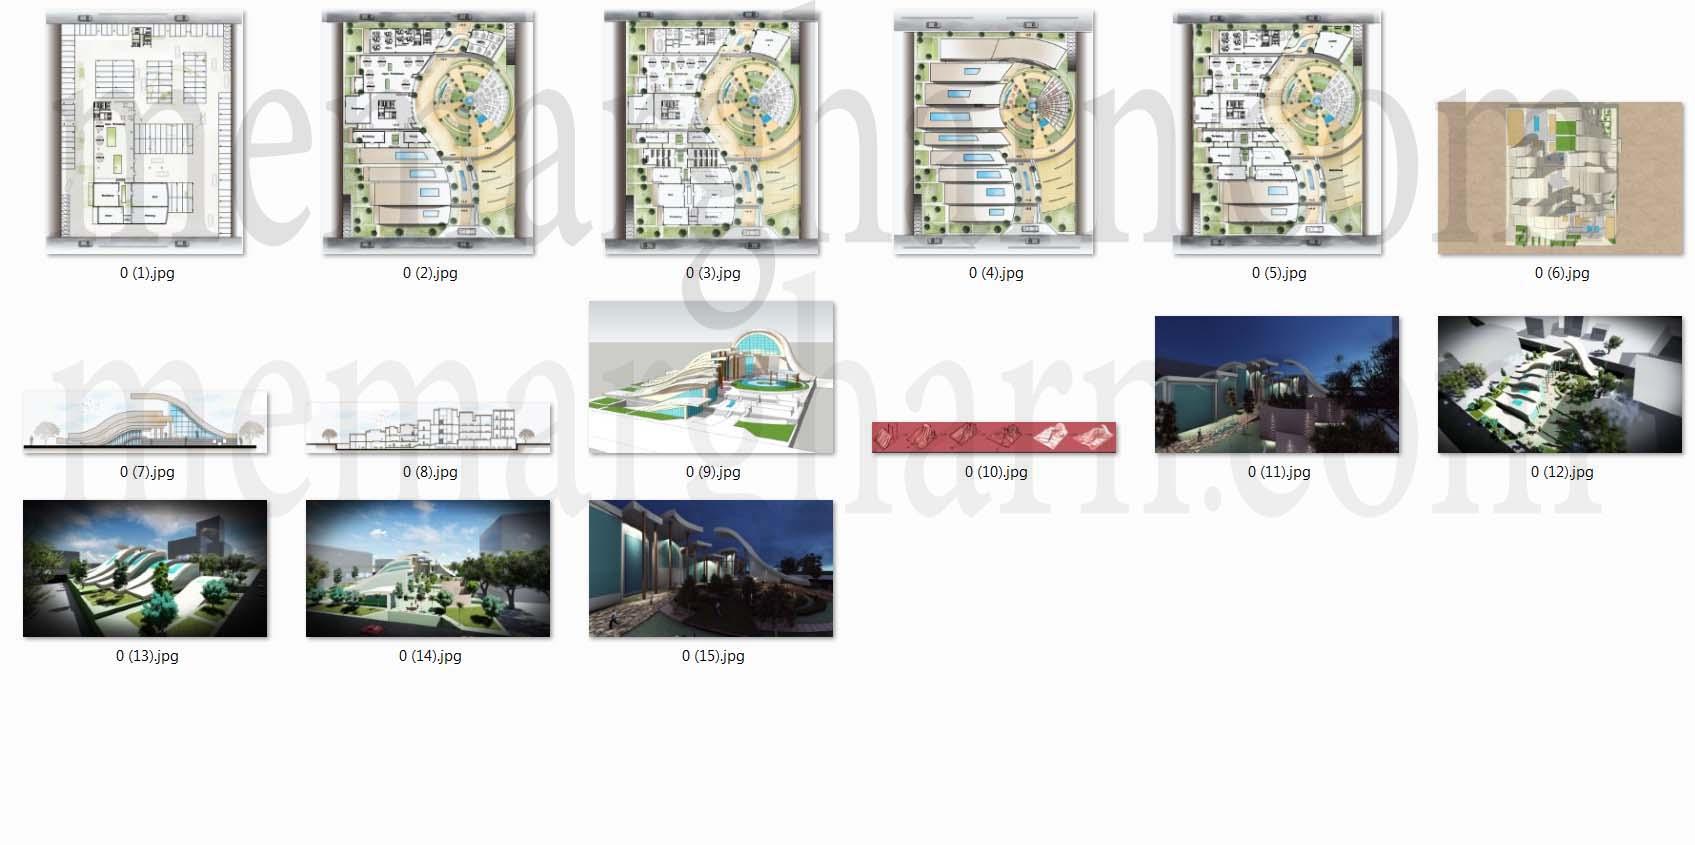 مدارک پروژه مرکز تحقیقات و تکنولوژی